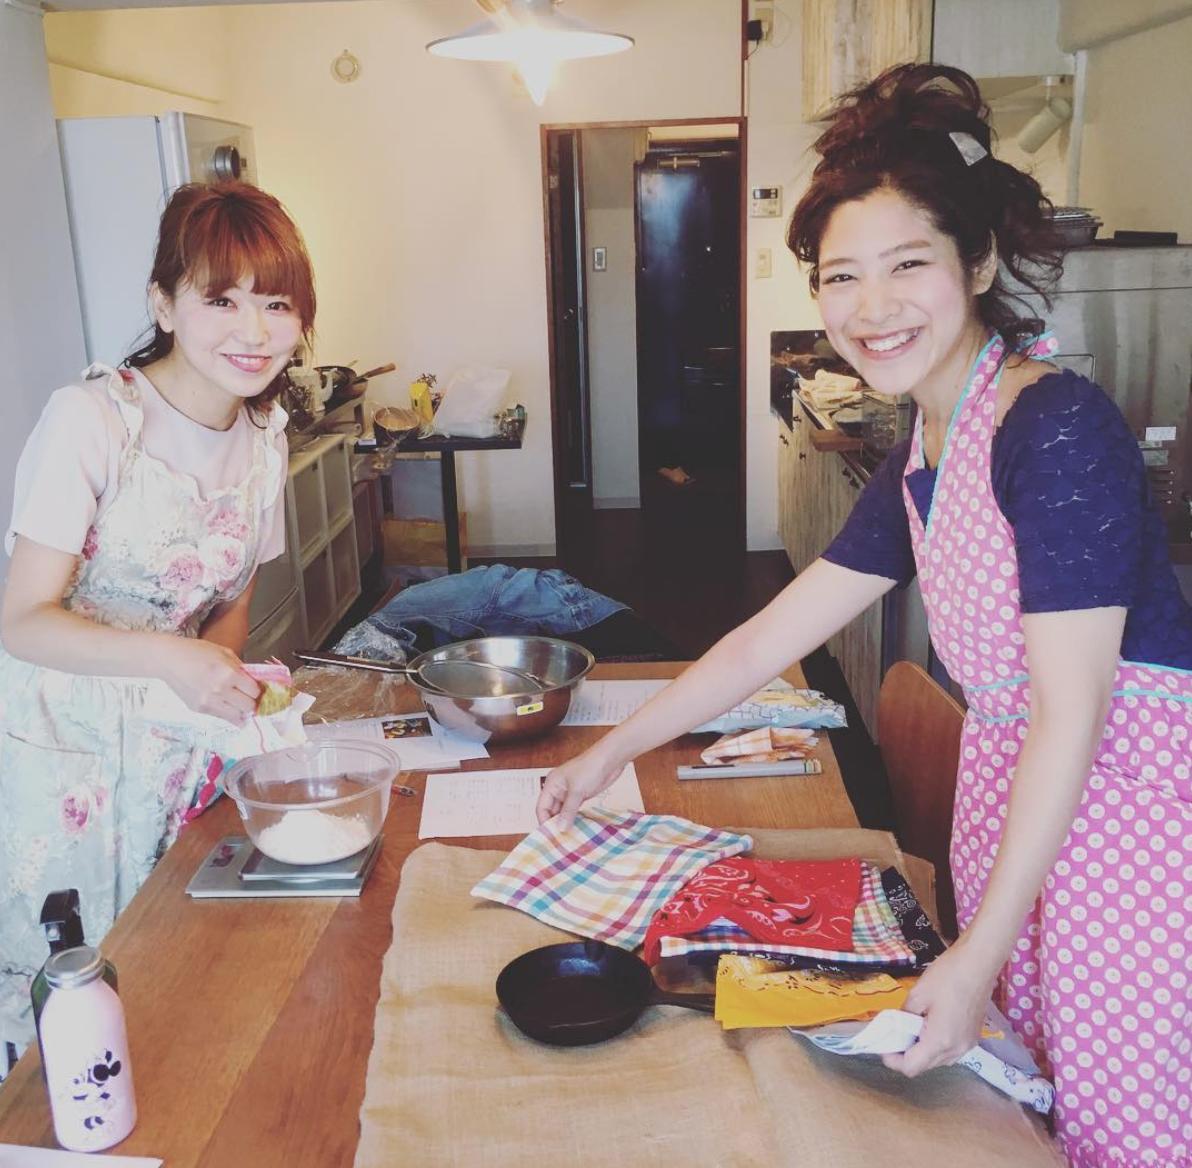 名古屋の街中でキッチンシェア!手作り料理を作るなら「すたーとあっぷきっちん」 - f46d85d45977db354ba16f21cdd59357